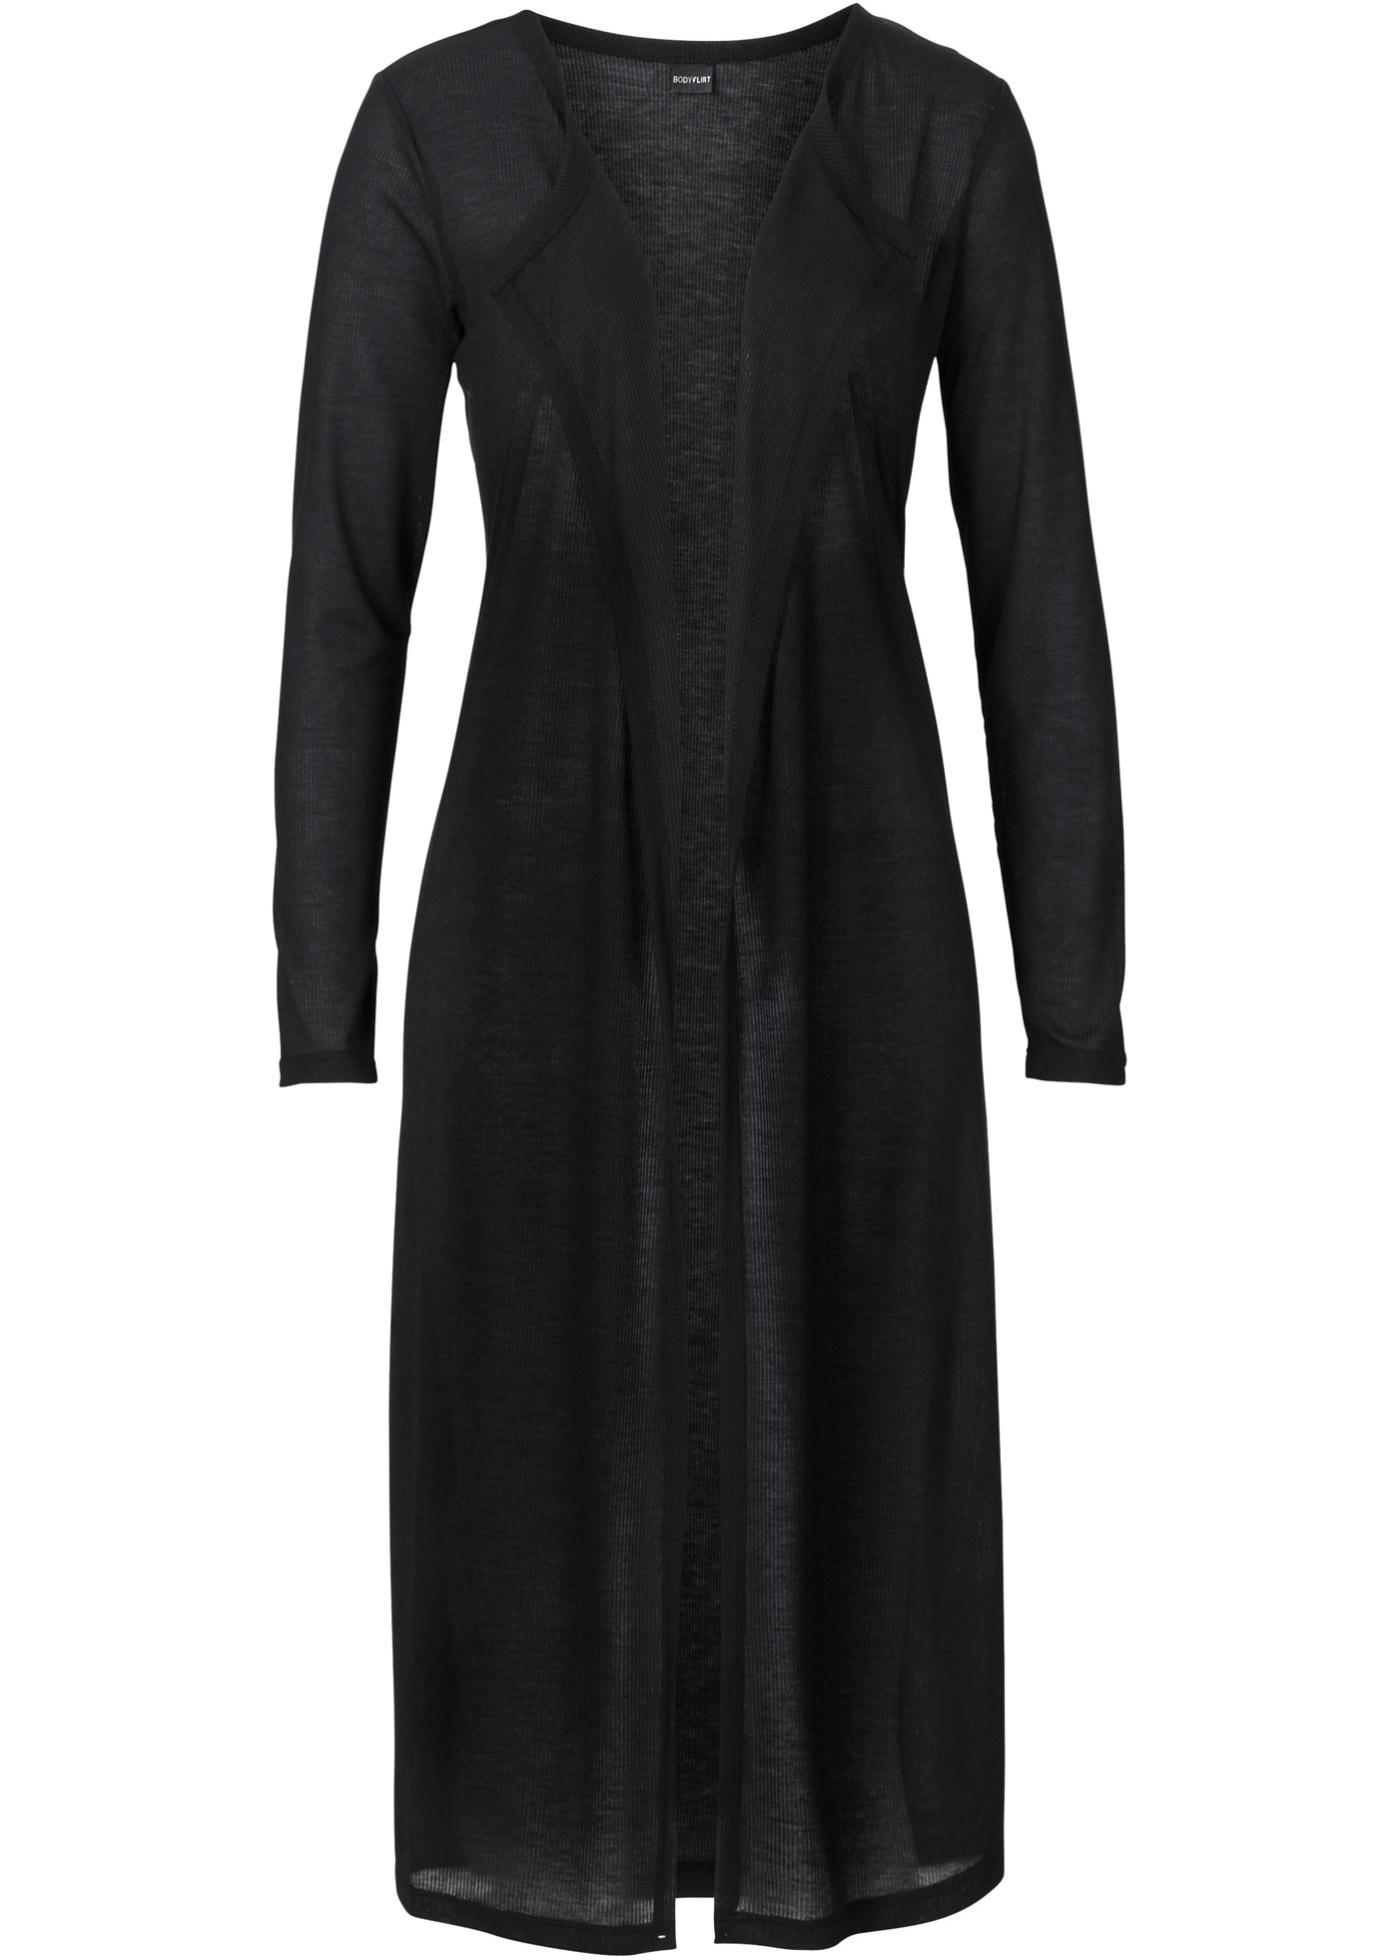 Cardigan long noir manches longues femme - bonprix